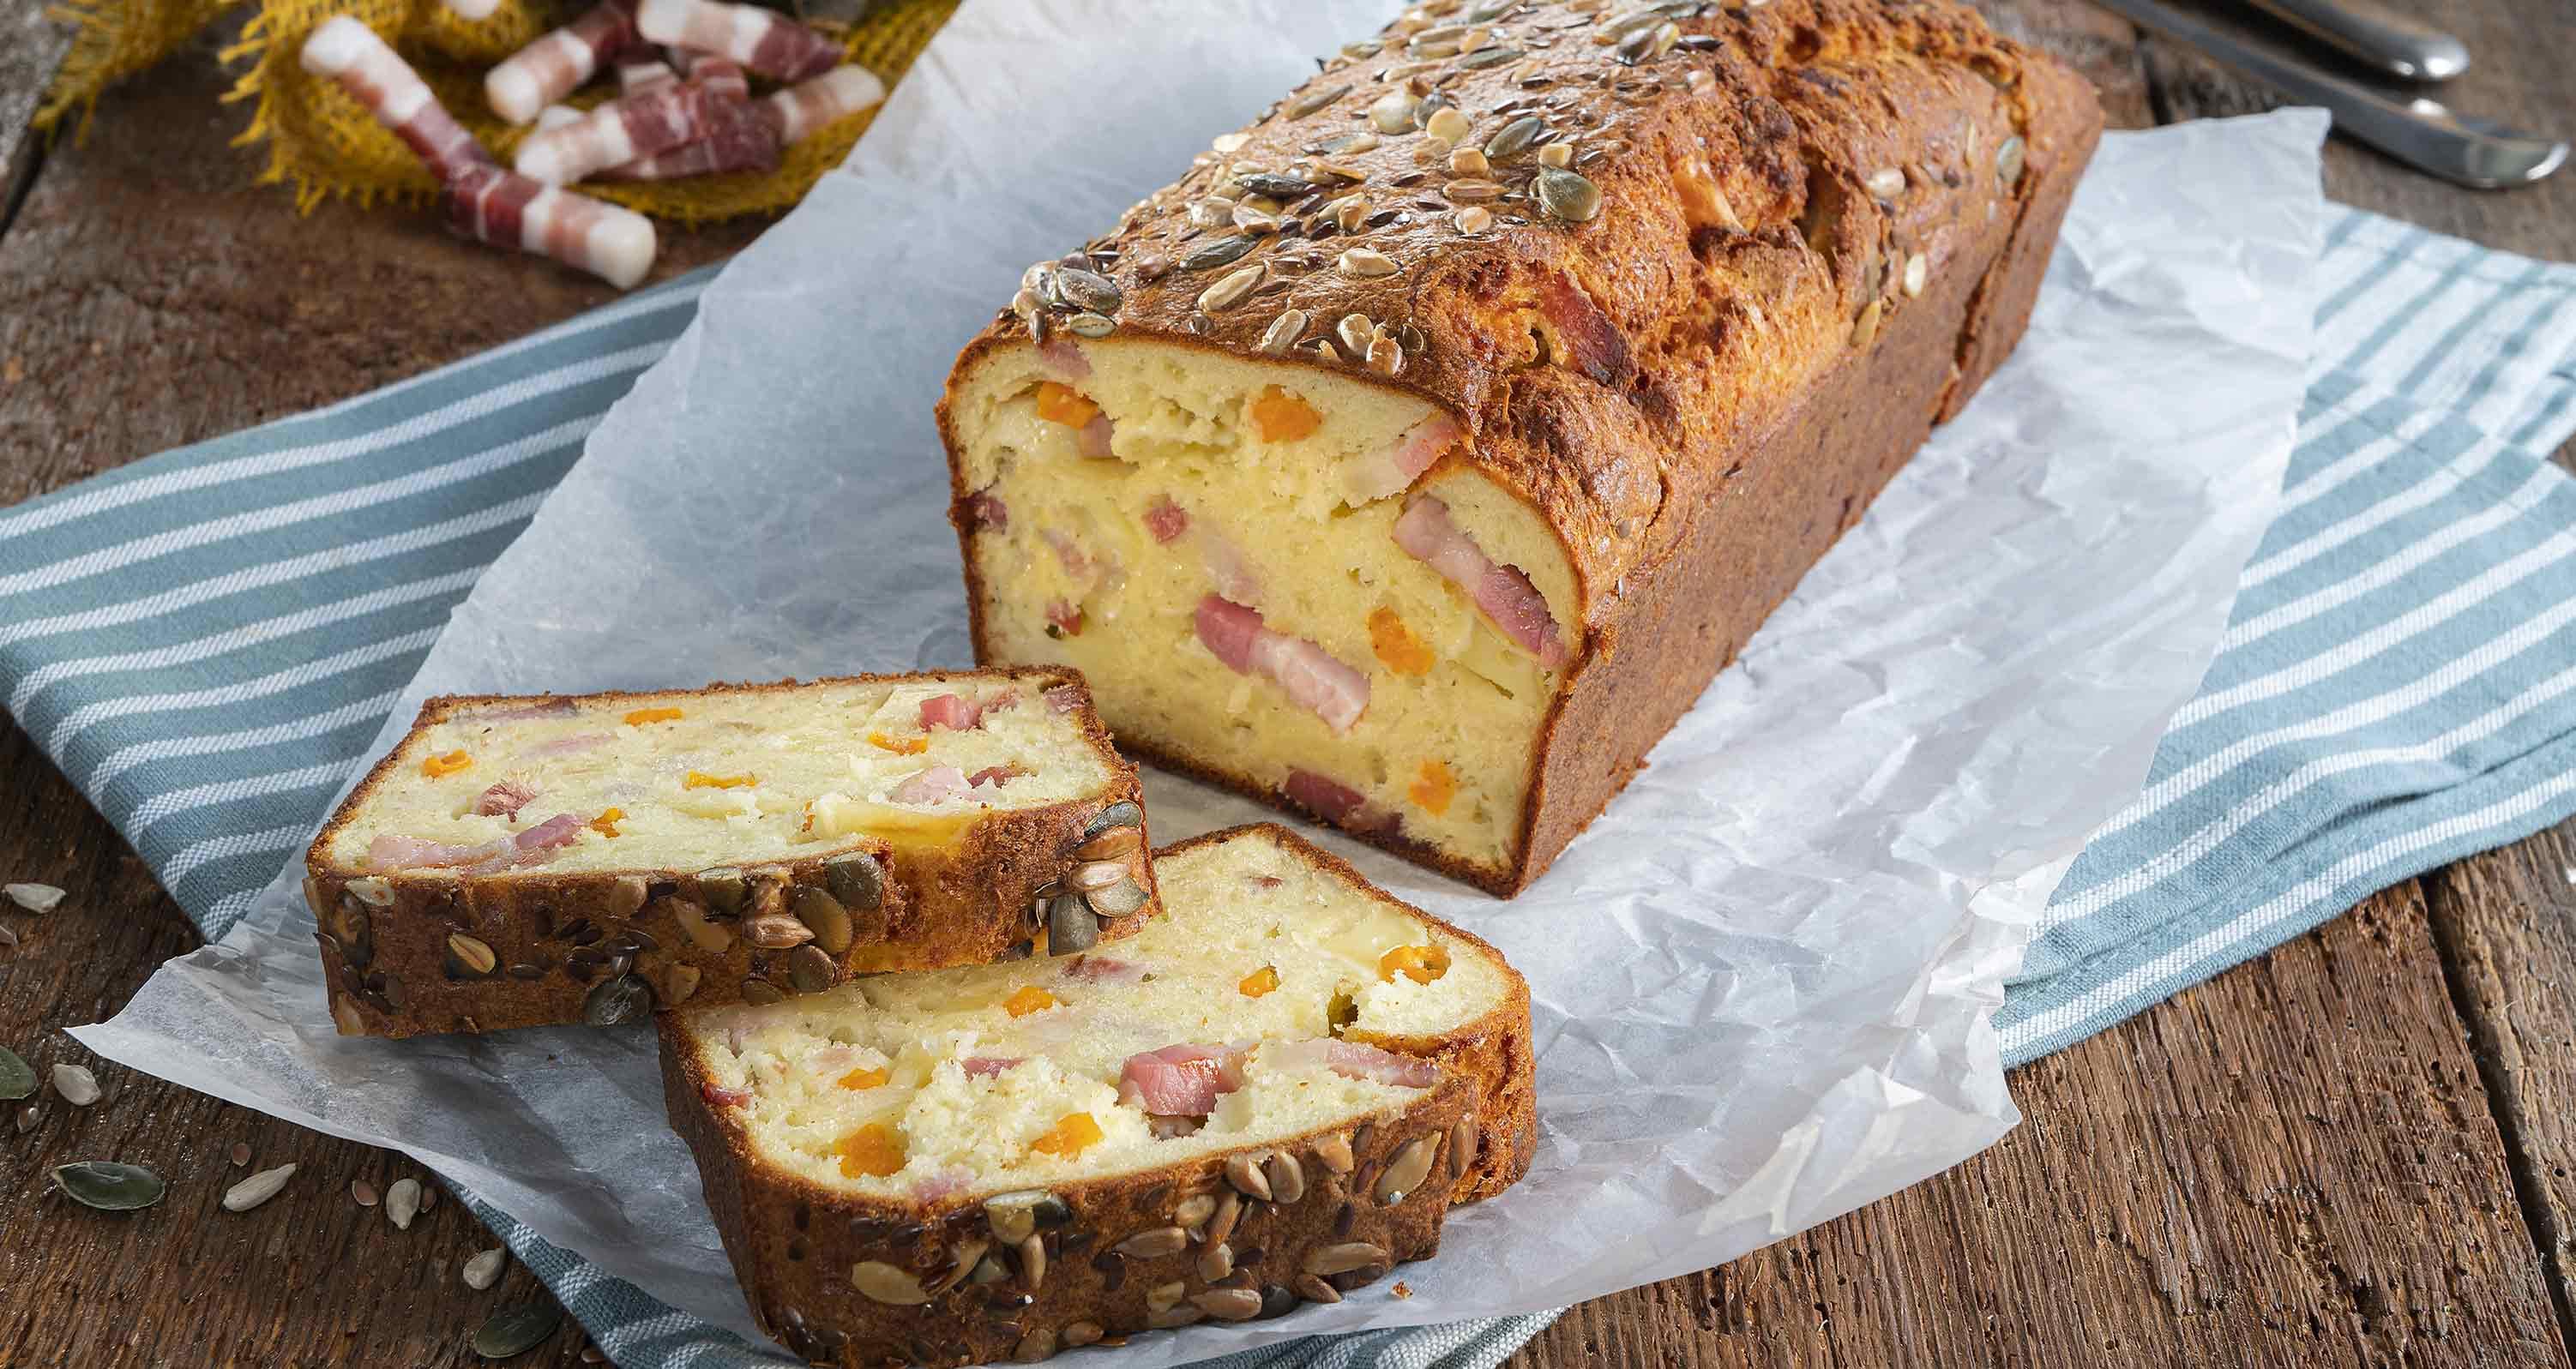 plumcake-zucca-brie-e-fiammiferi-di-pancetta-dolce-low.jpg